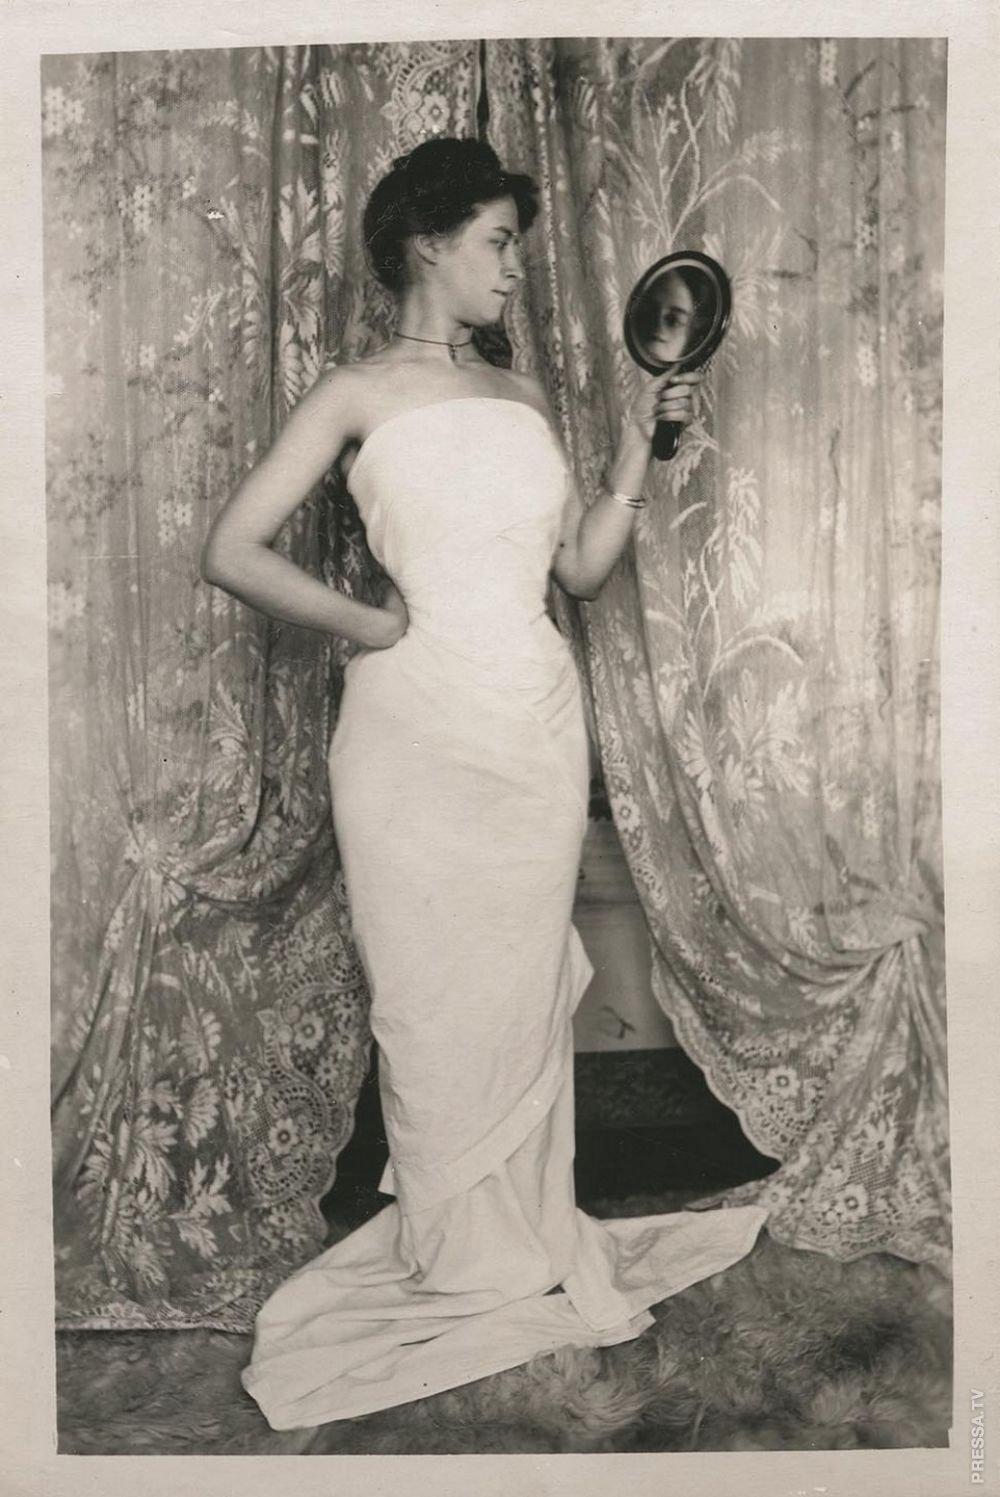 19 века проституток в борделях фото